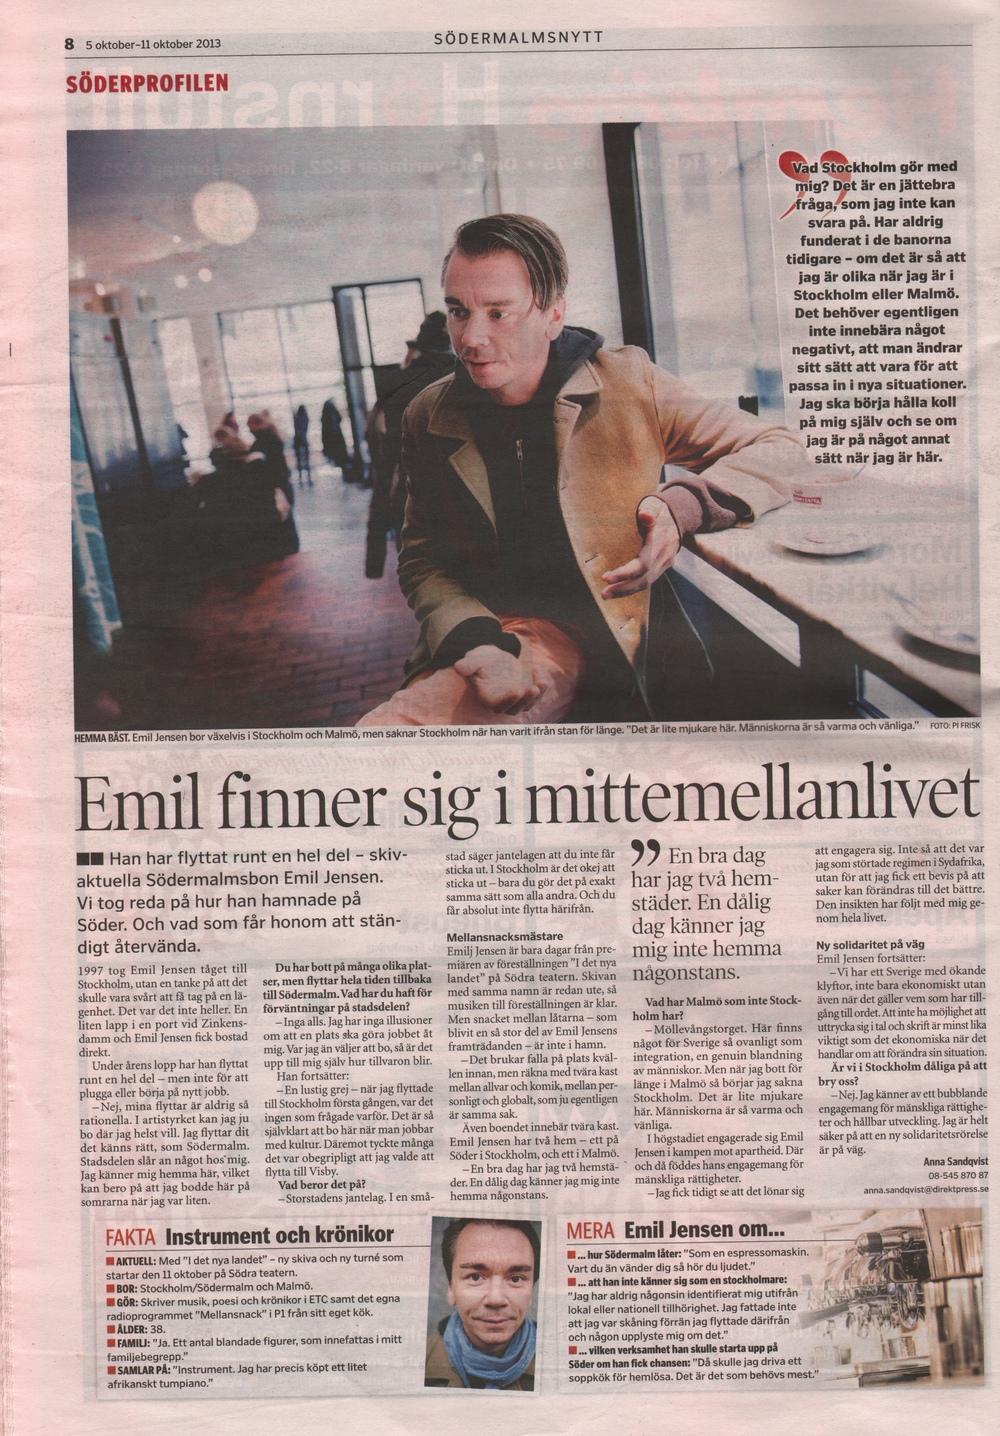 EmilJensen_Södermalmsnytt.jpg